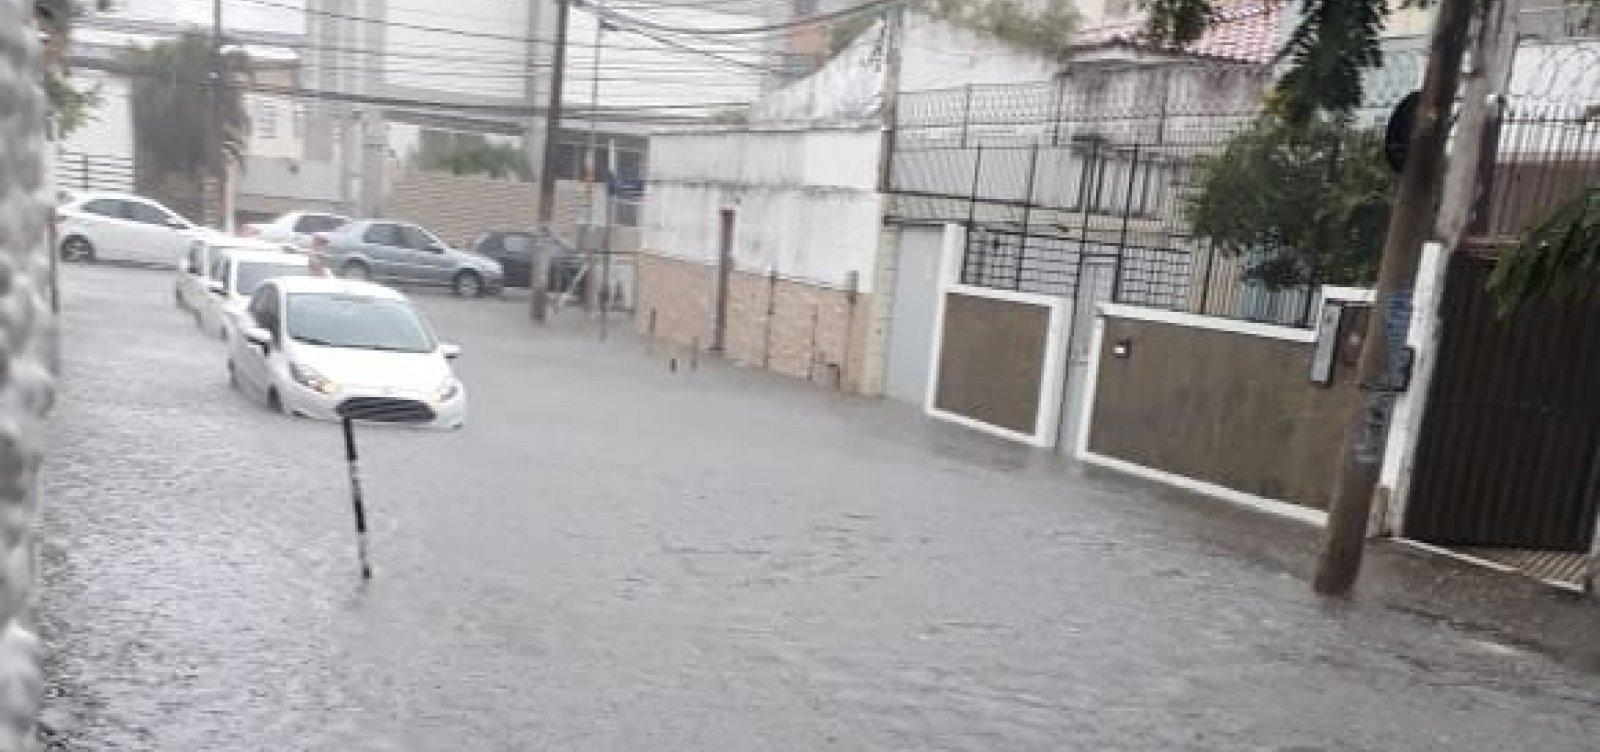 [Com chuva forte, Salvador supera volume de água esperado para o mês de novembro]